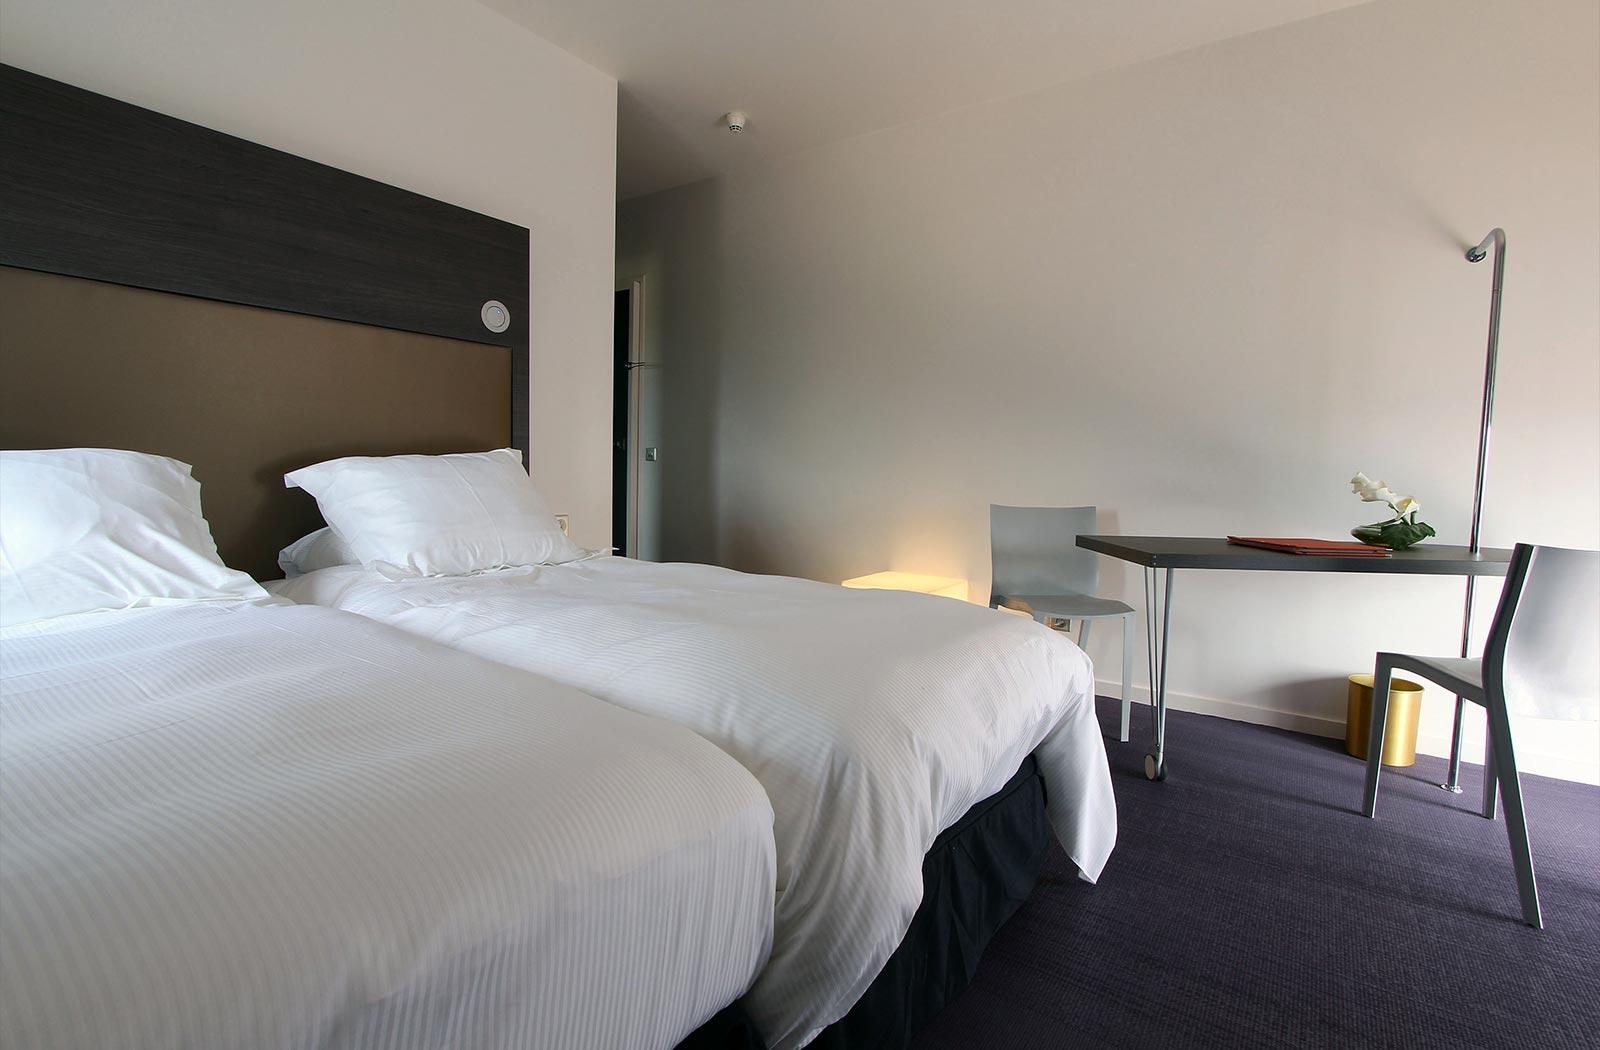 Chambre montagne luxe id es de d coration et de mobilier pour la conception - Mobilier pour hotel de luxe ...